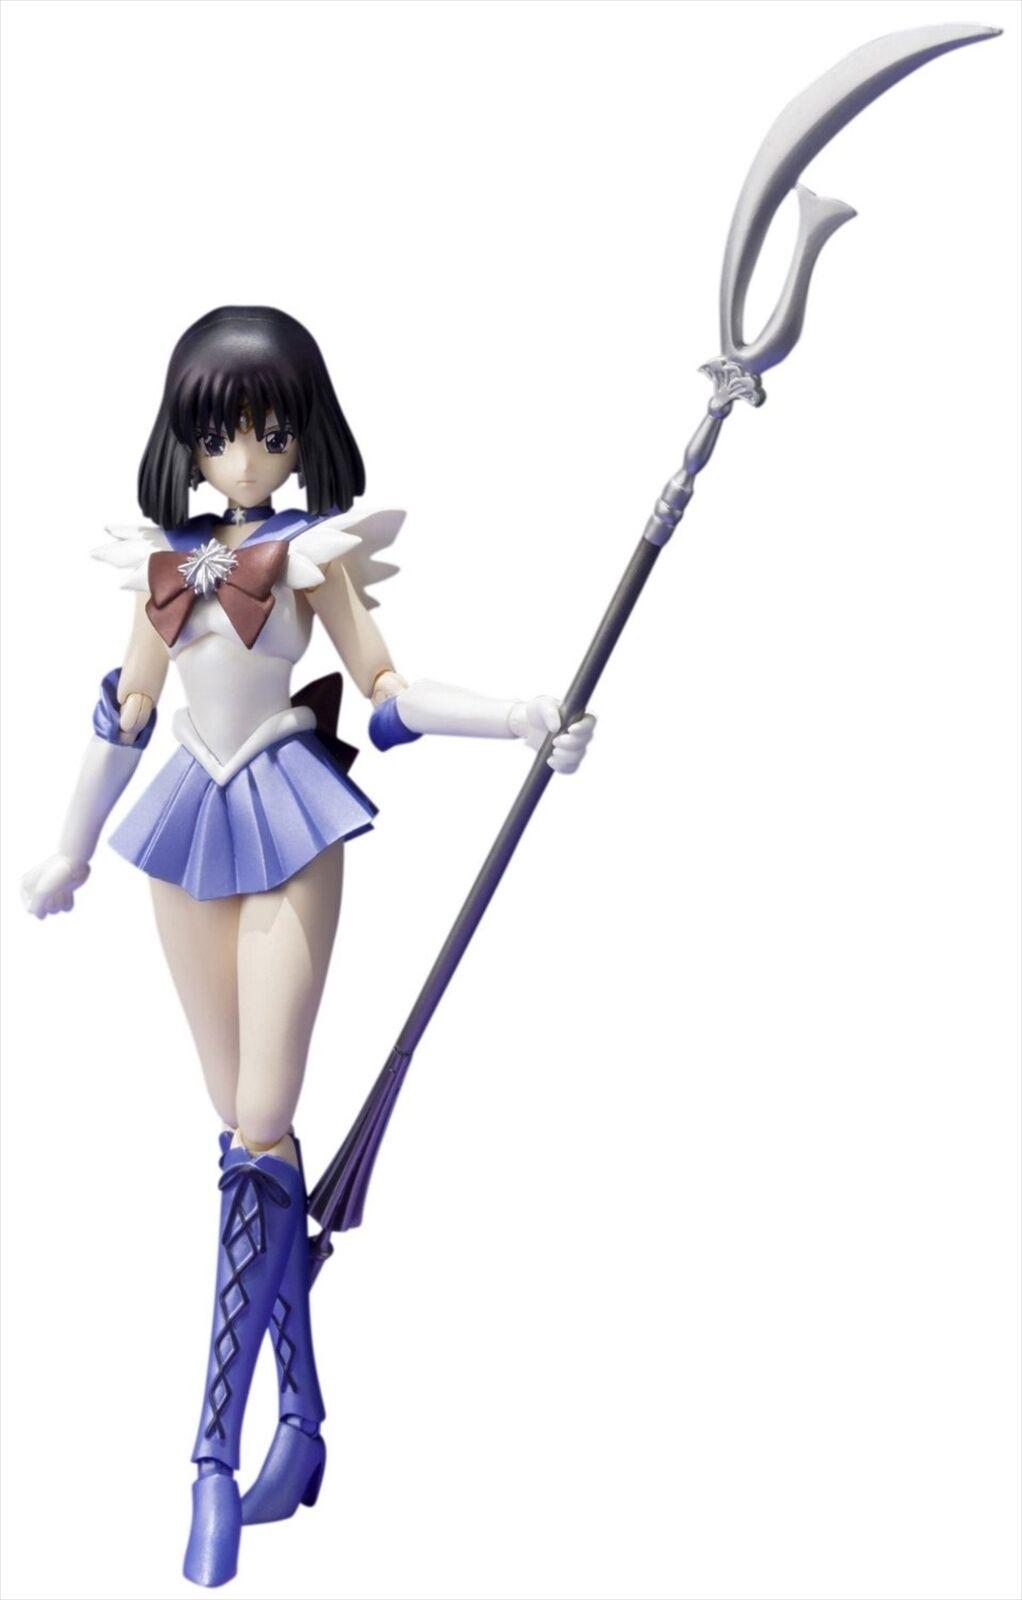 Bandai Tamashii Nations de S.H. Figuarts Sailor Saturn Sailor Moon Figura De Acción